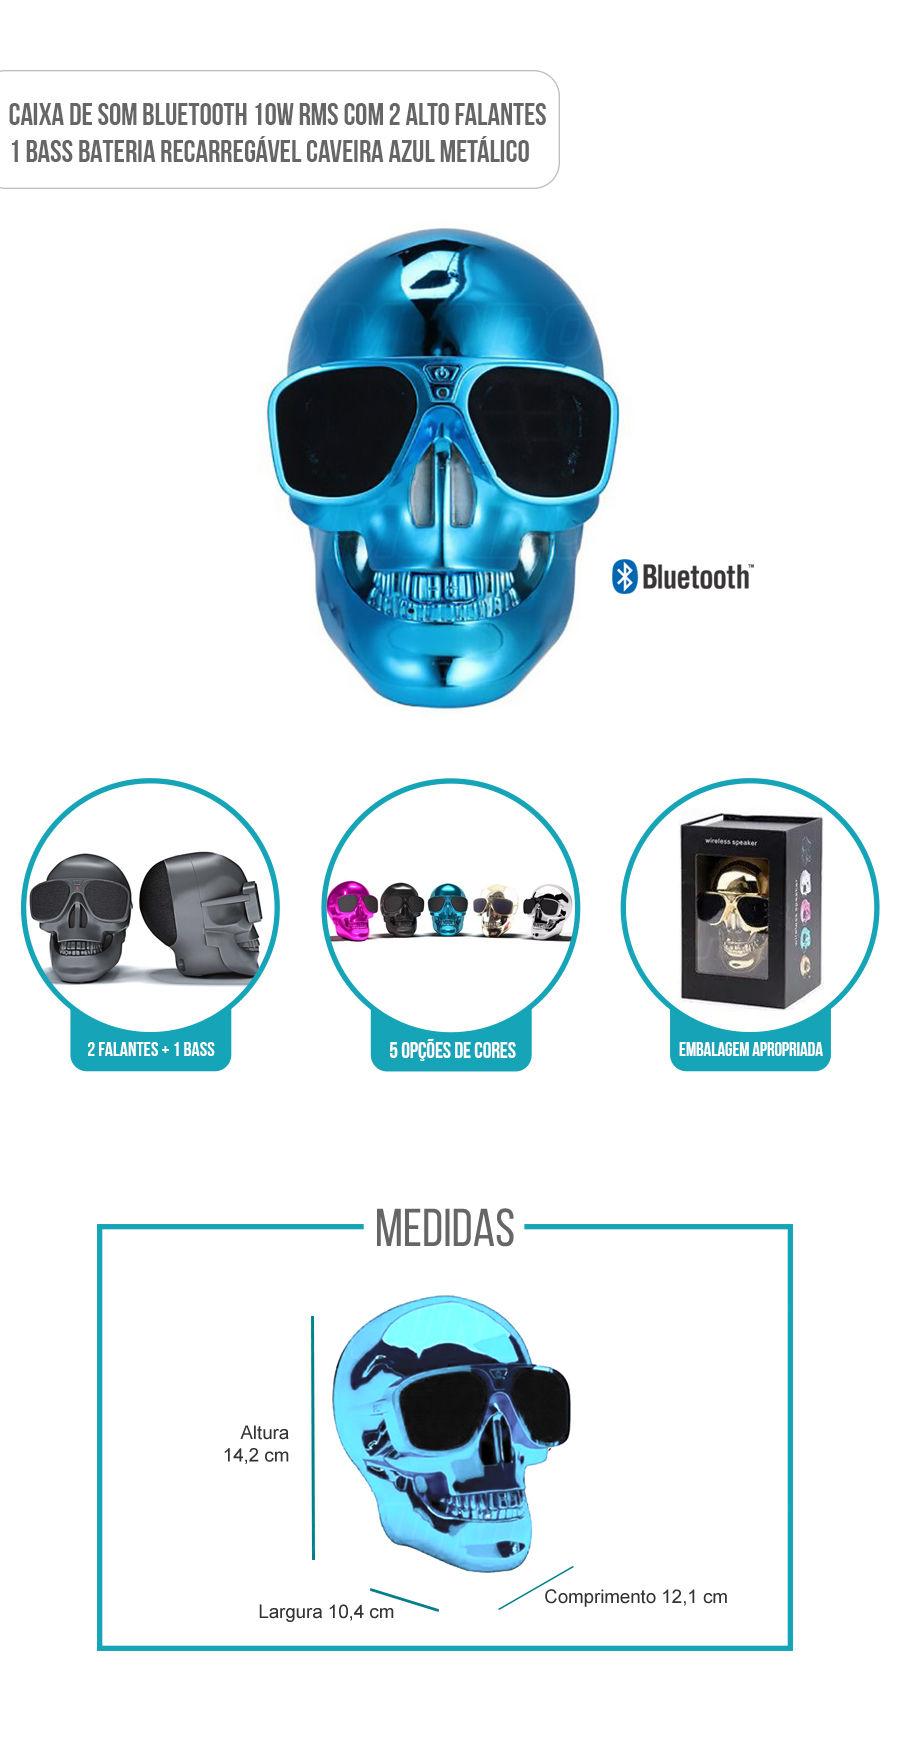 Caixa de Som Portátil com Bluetooth 10W RMS Skull Caveira Azul Metálico